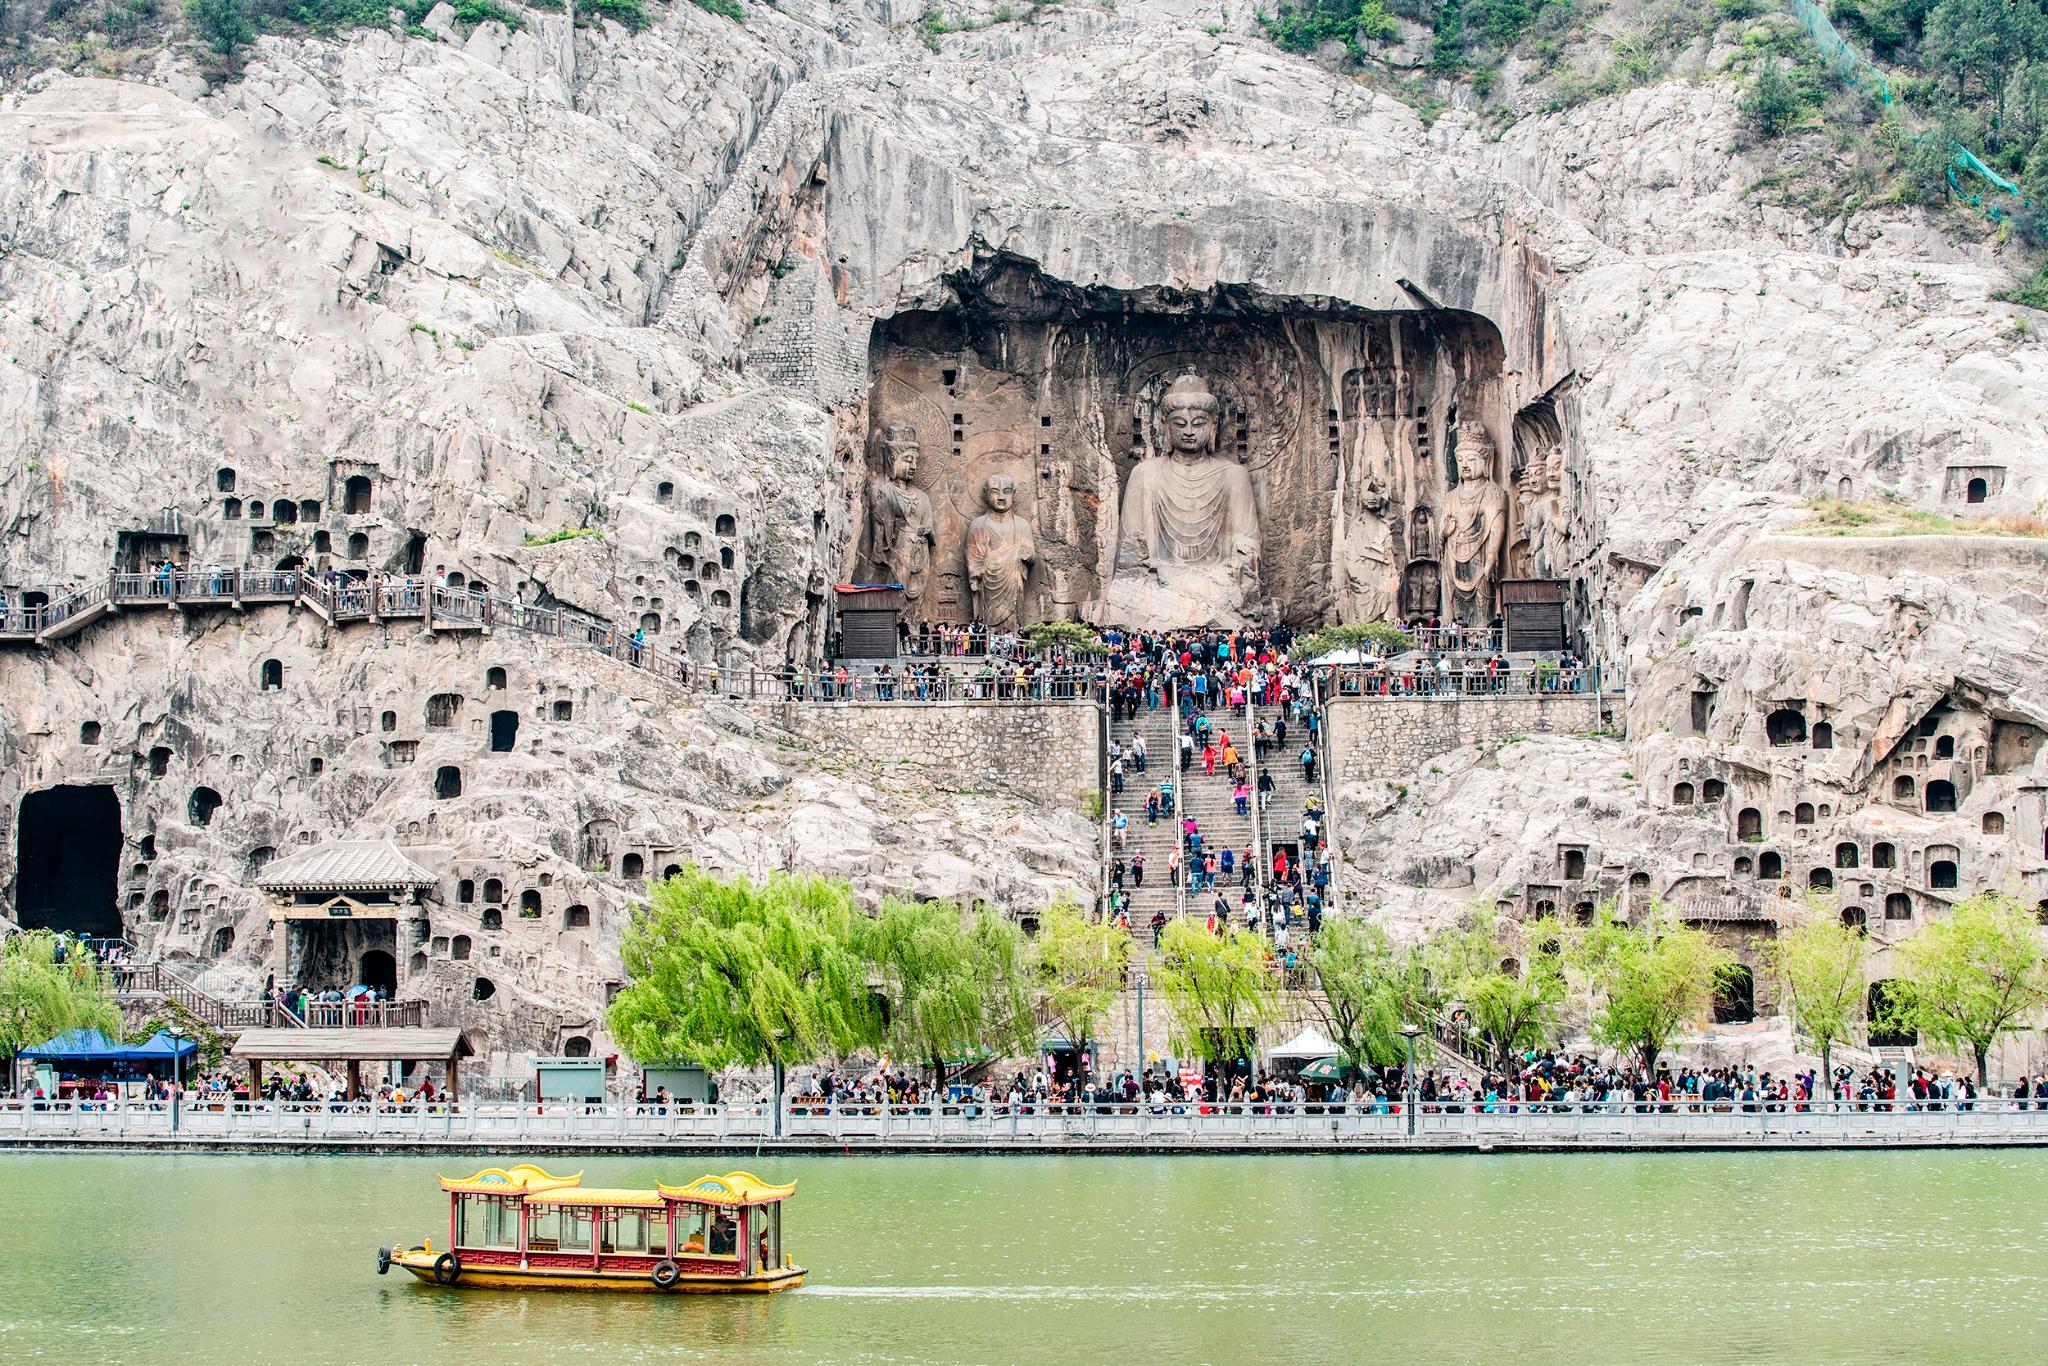 河南省内文物古迹,风景名胜众多,少林寺,龙门石窟,云台山等景点世界闻